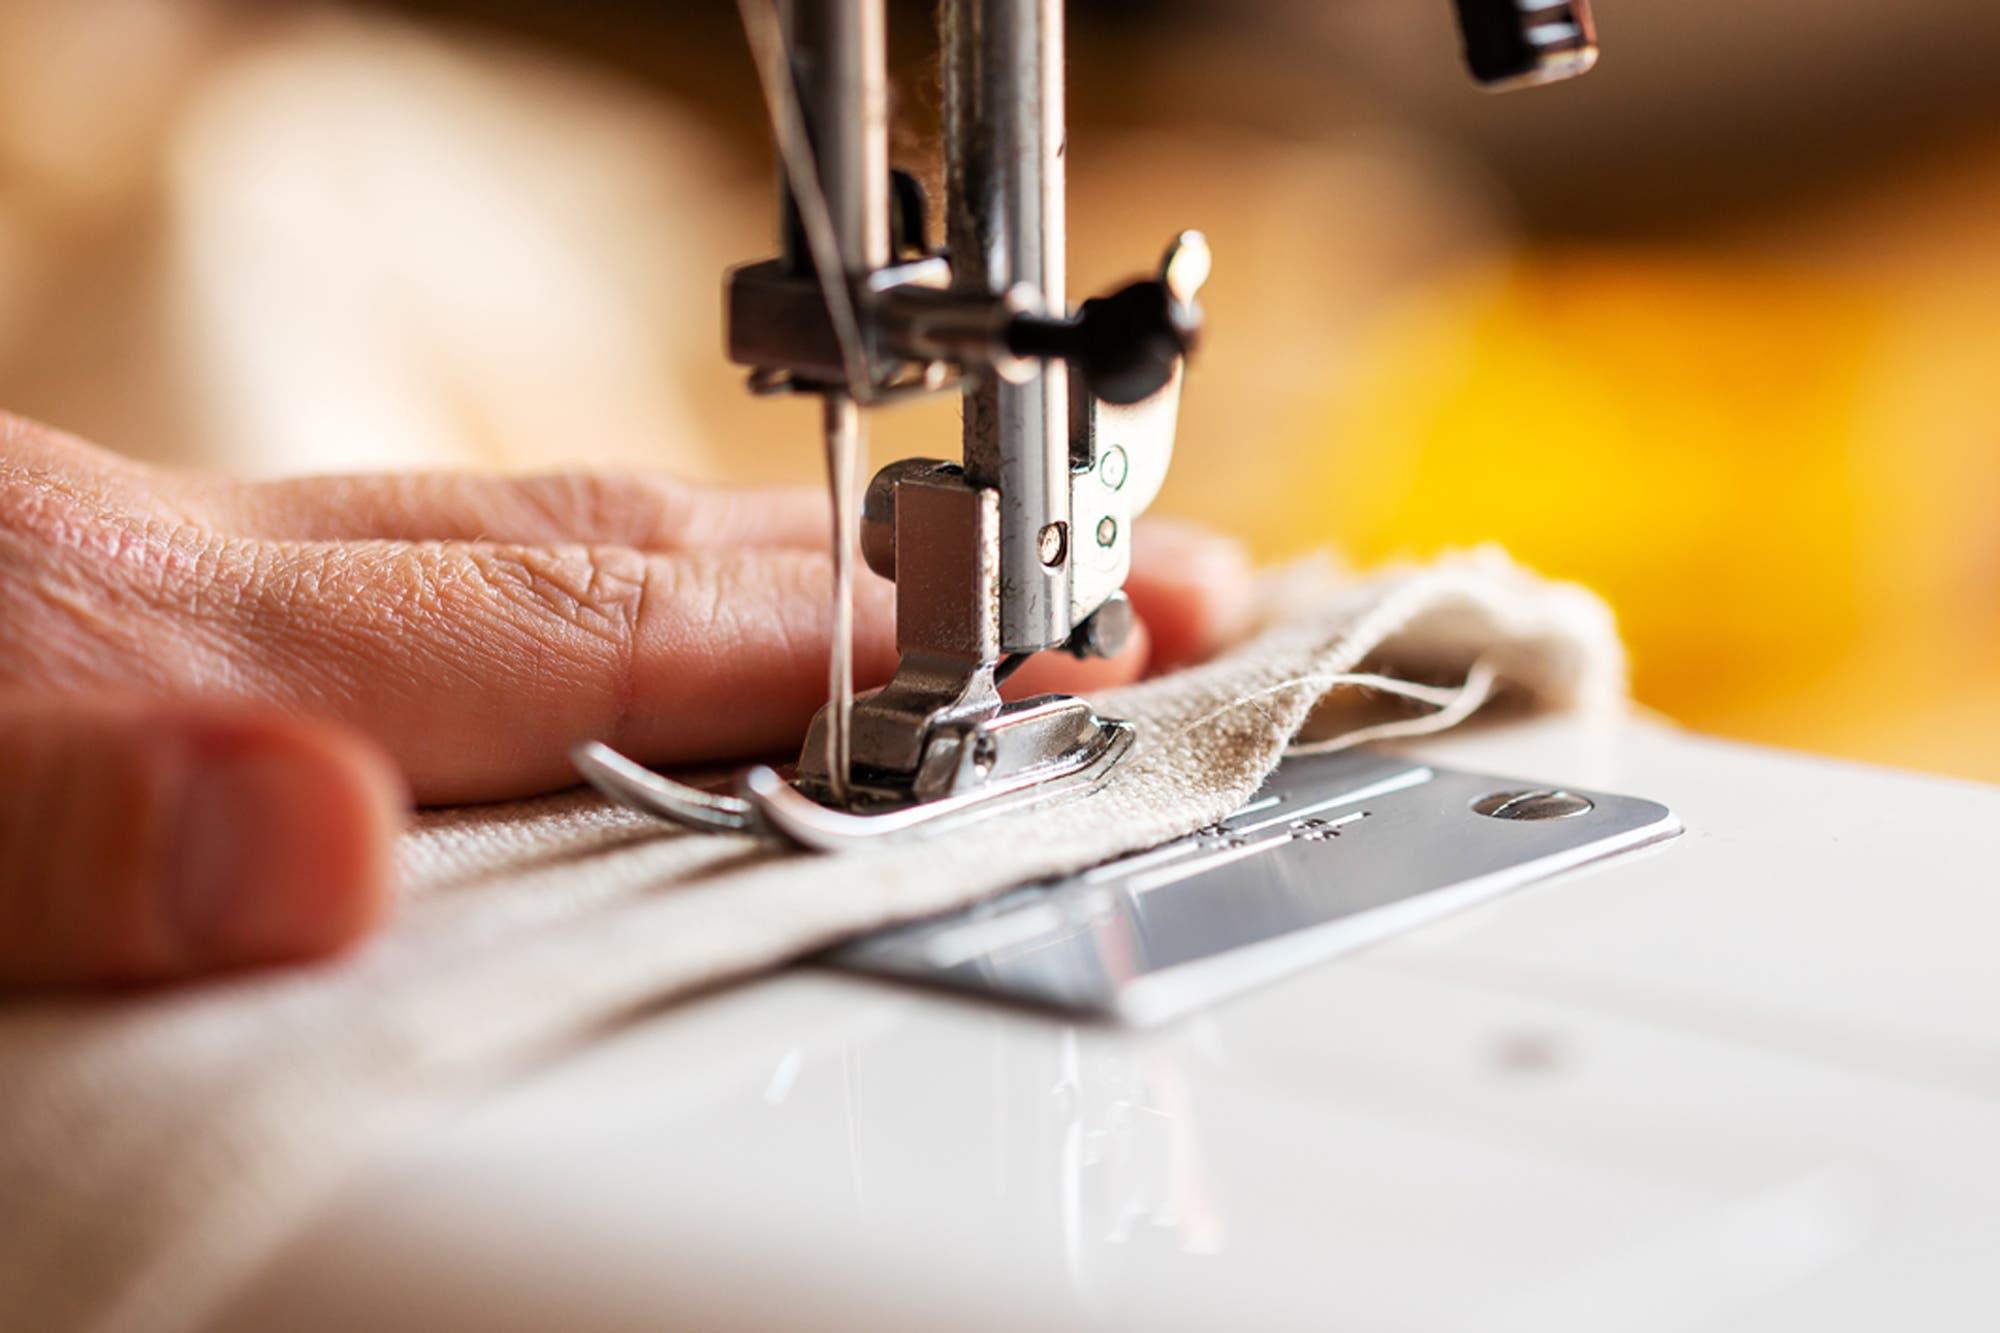 Consejos al comprar una máquina de coser - Sinre